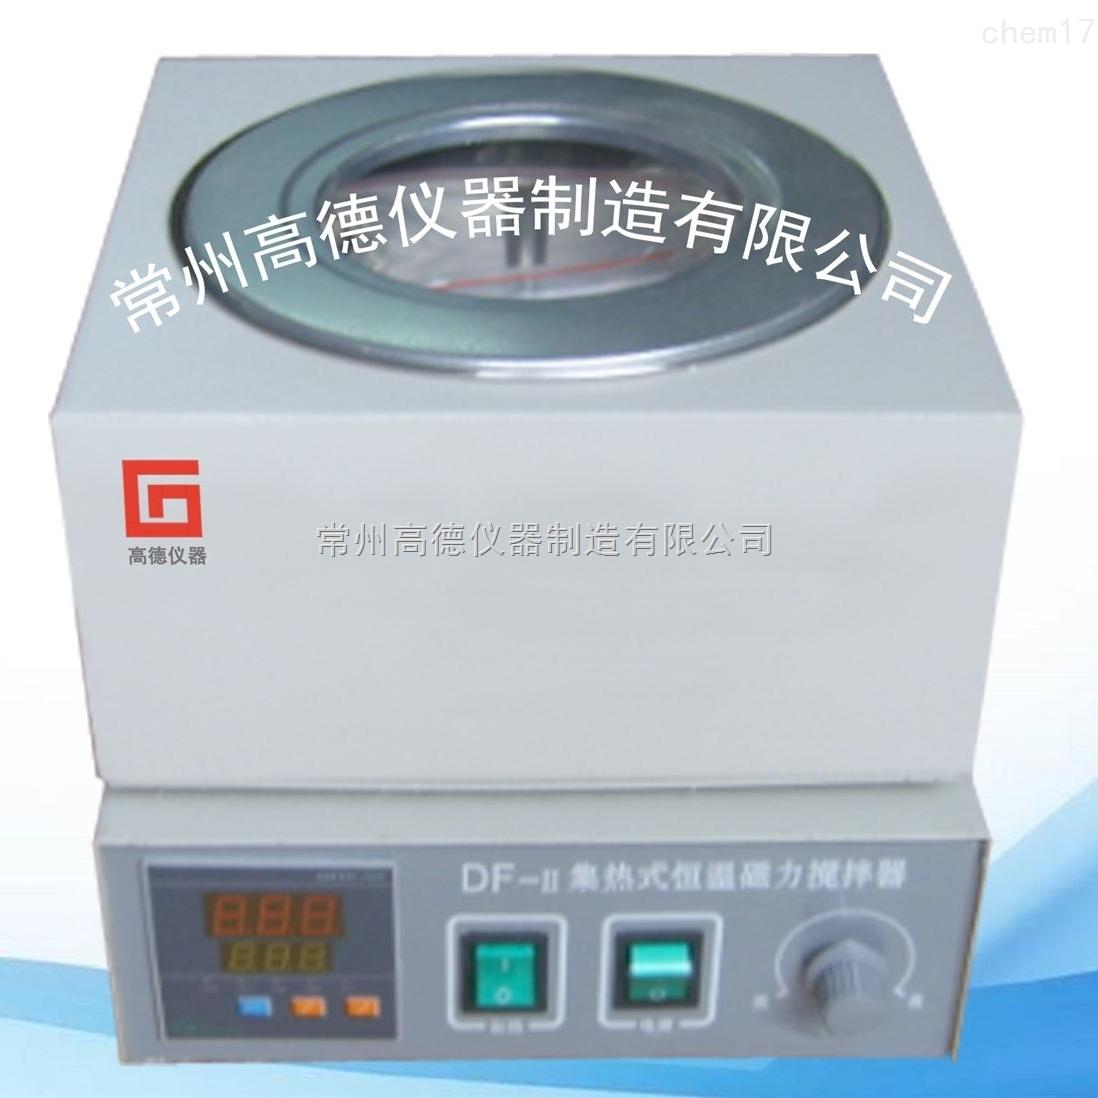 集热式水浴磁力搅拌器